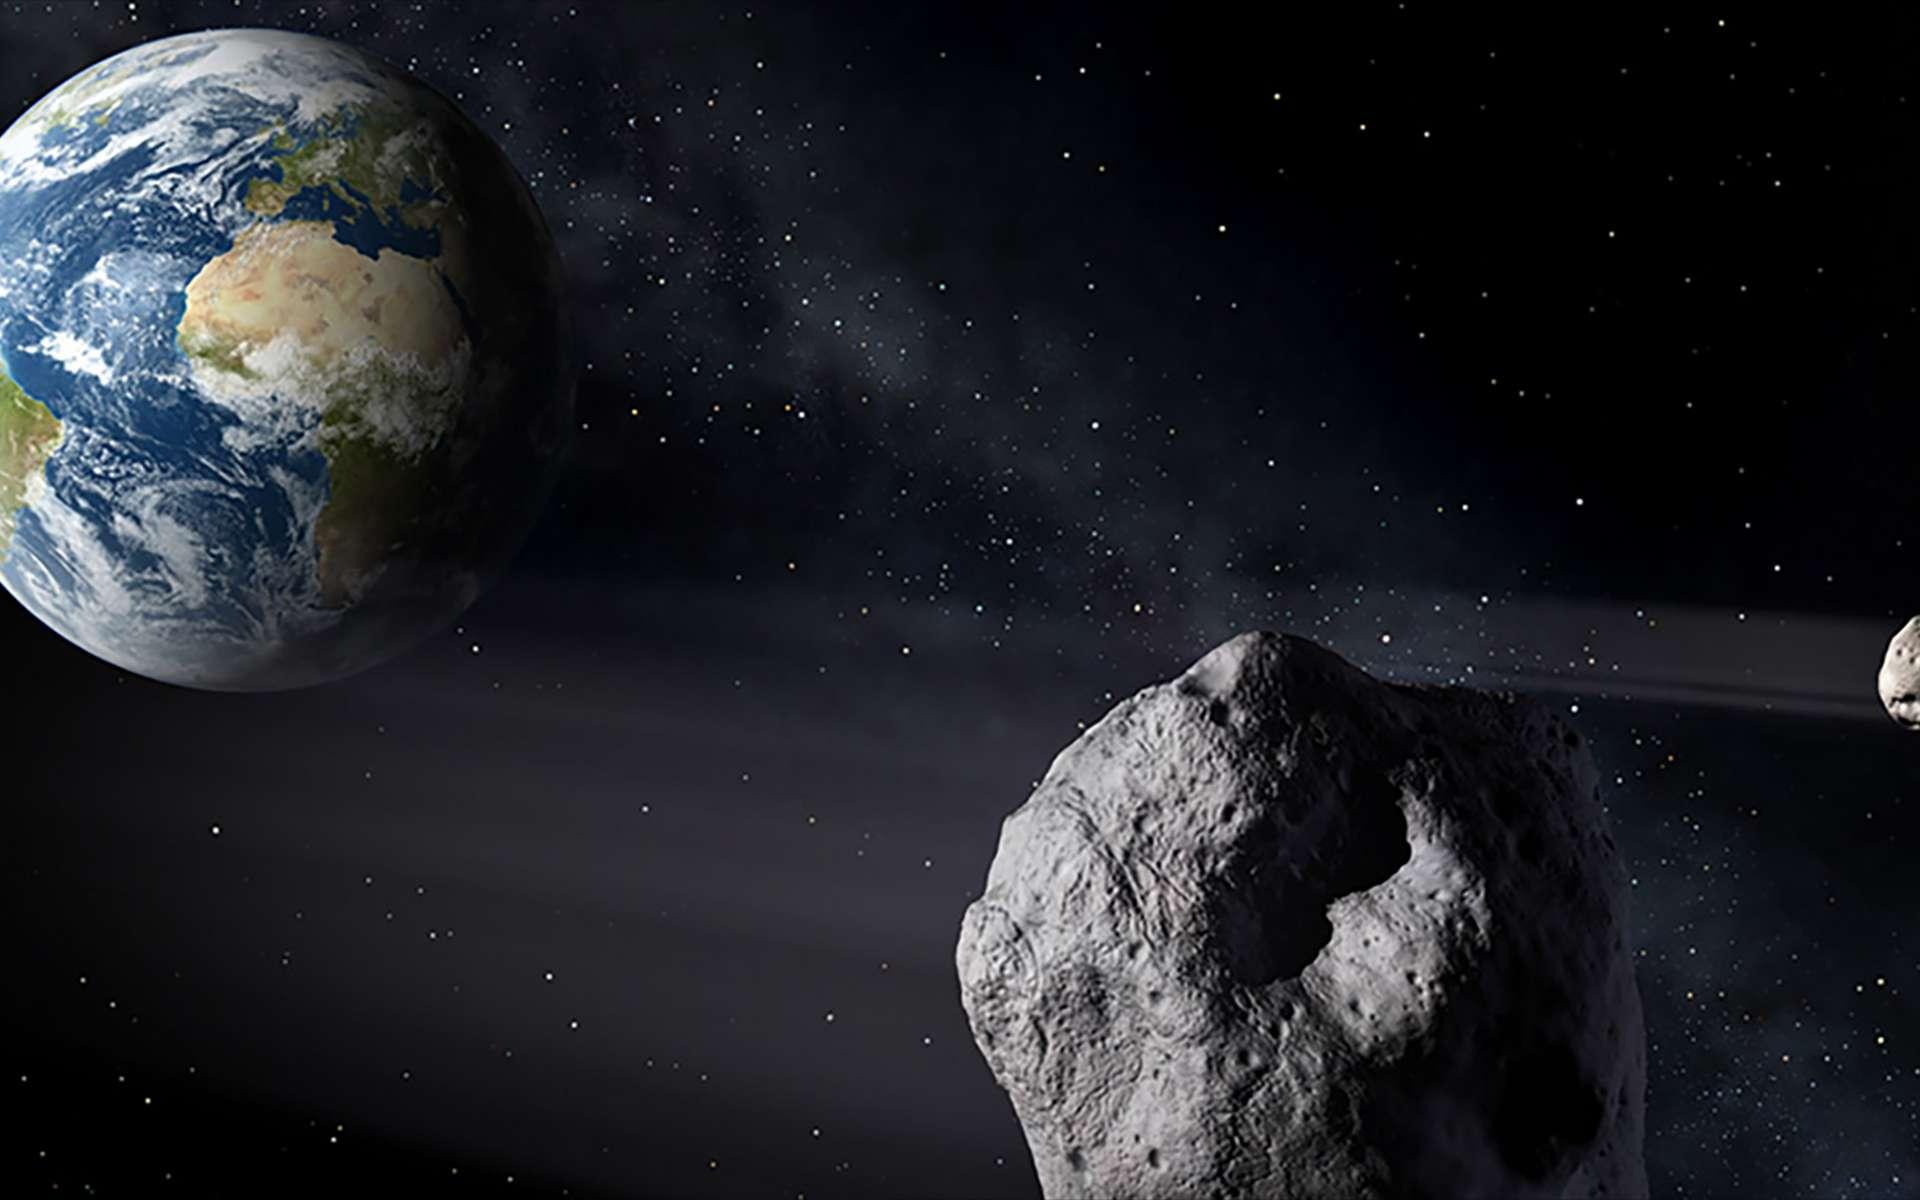 Mieux connaître les astéroïdes pour s'en protéger. © Nasa